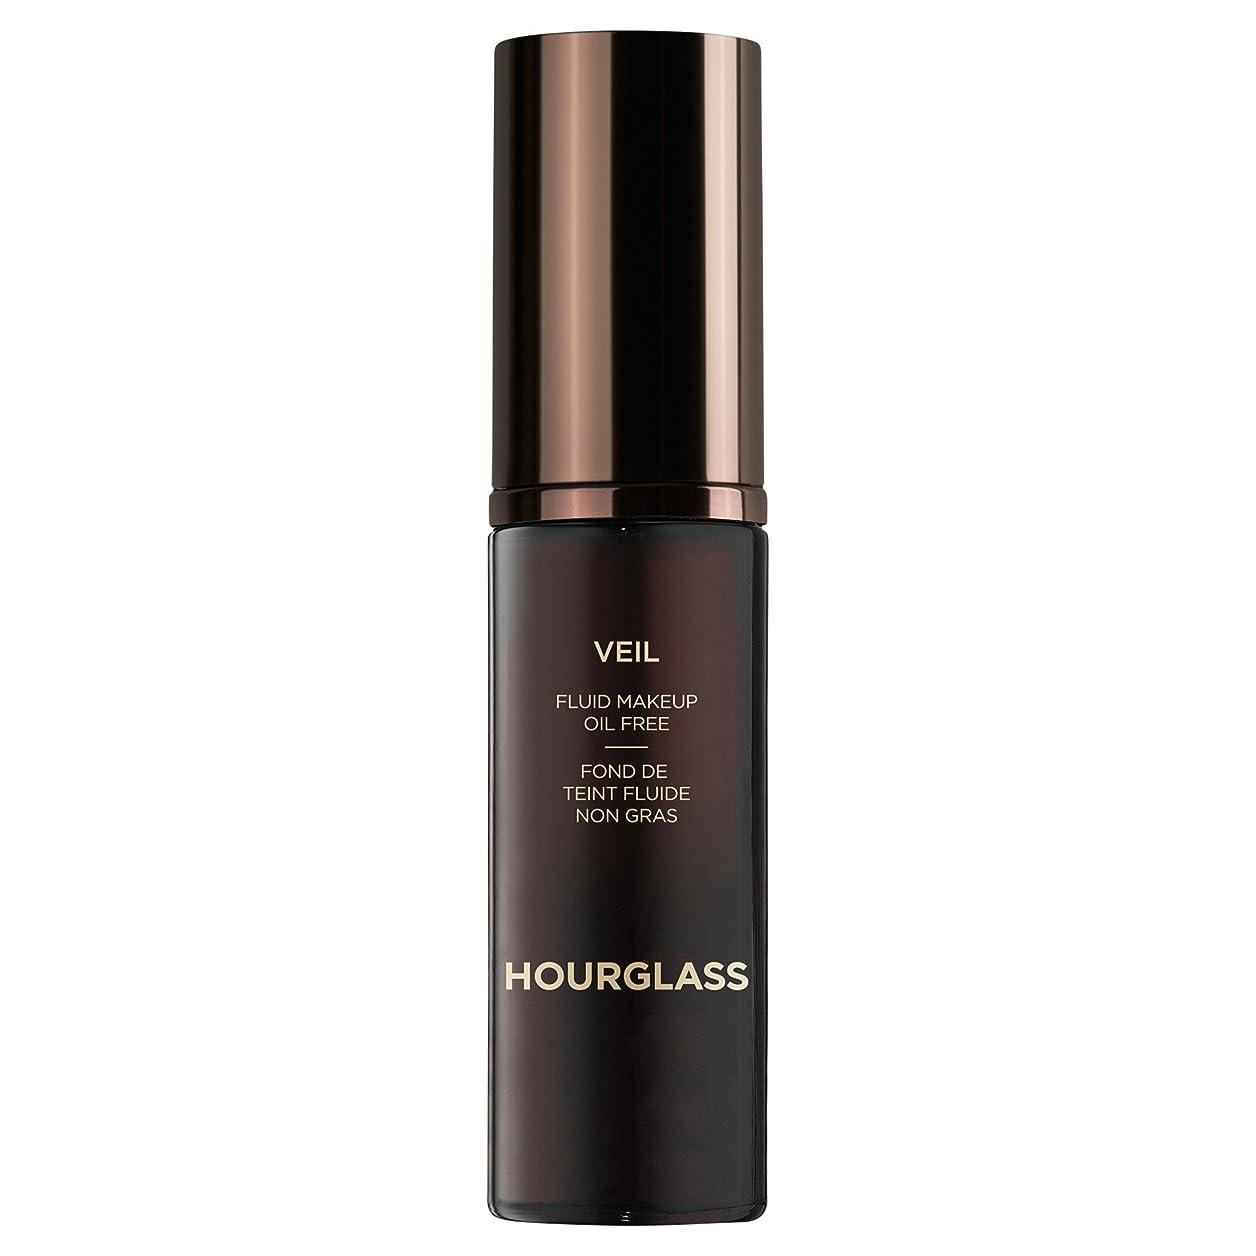 シロクマペナルティ犯す流体化粧アイボリーベール砂時計 (Hourglass) (x2) - Hourglass Veil Fluid Makeup Ivory (Pack of 2) [並行輸入品]